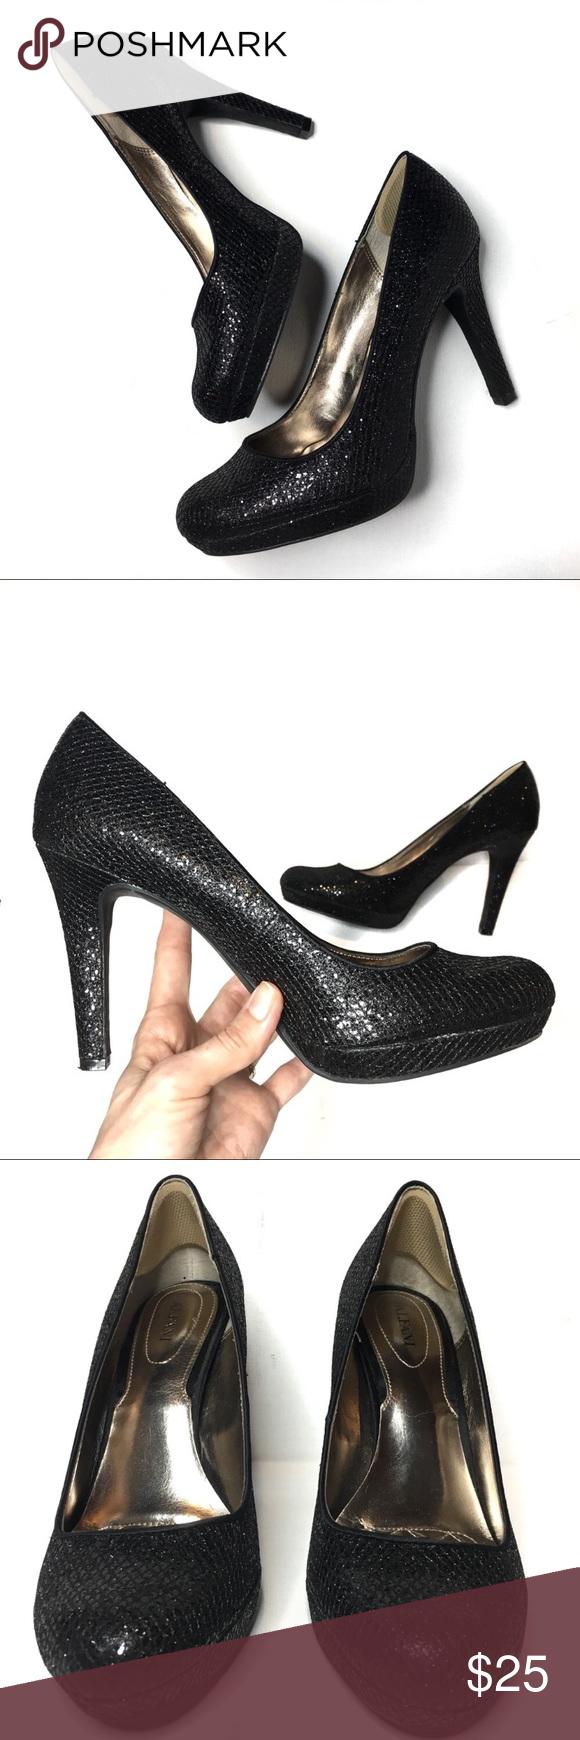 alfani black heels